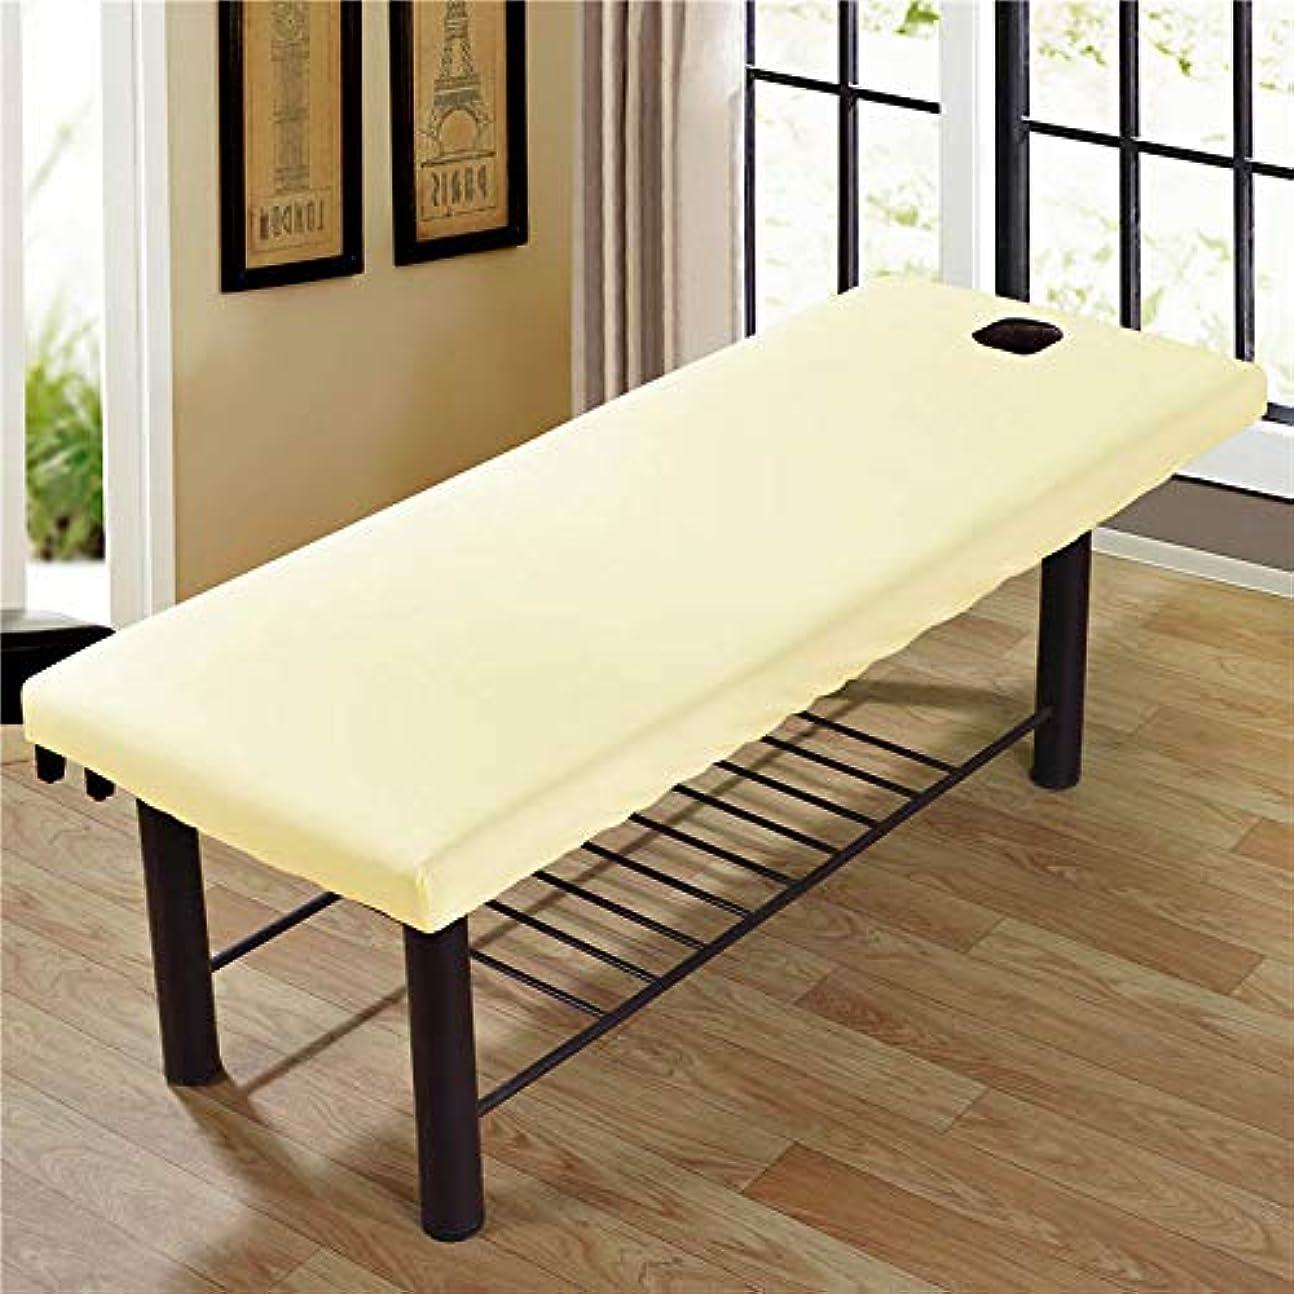 コンパイル心理学砂利CoolTack  美容院のマッサージ療法のベッドのための柔らかいSoliod色の長方形のマットレス